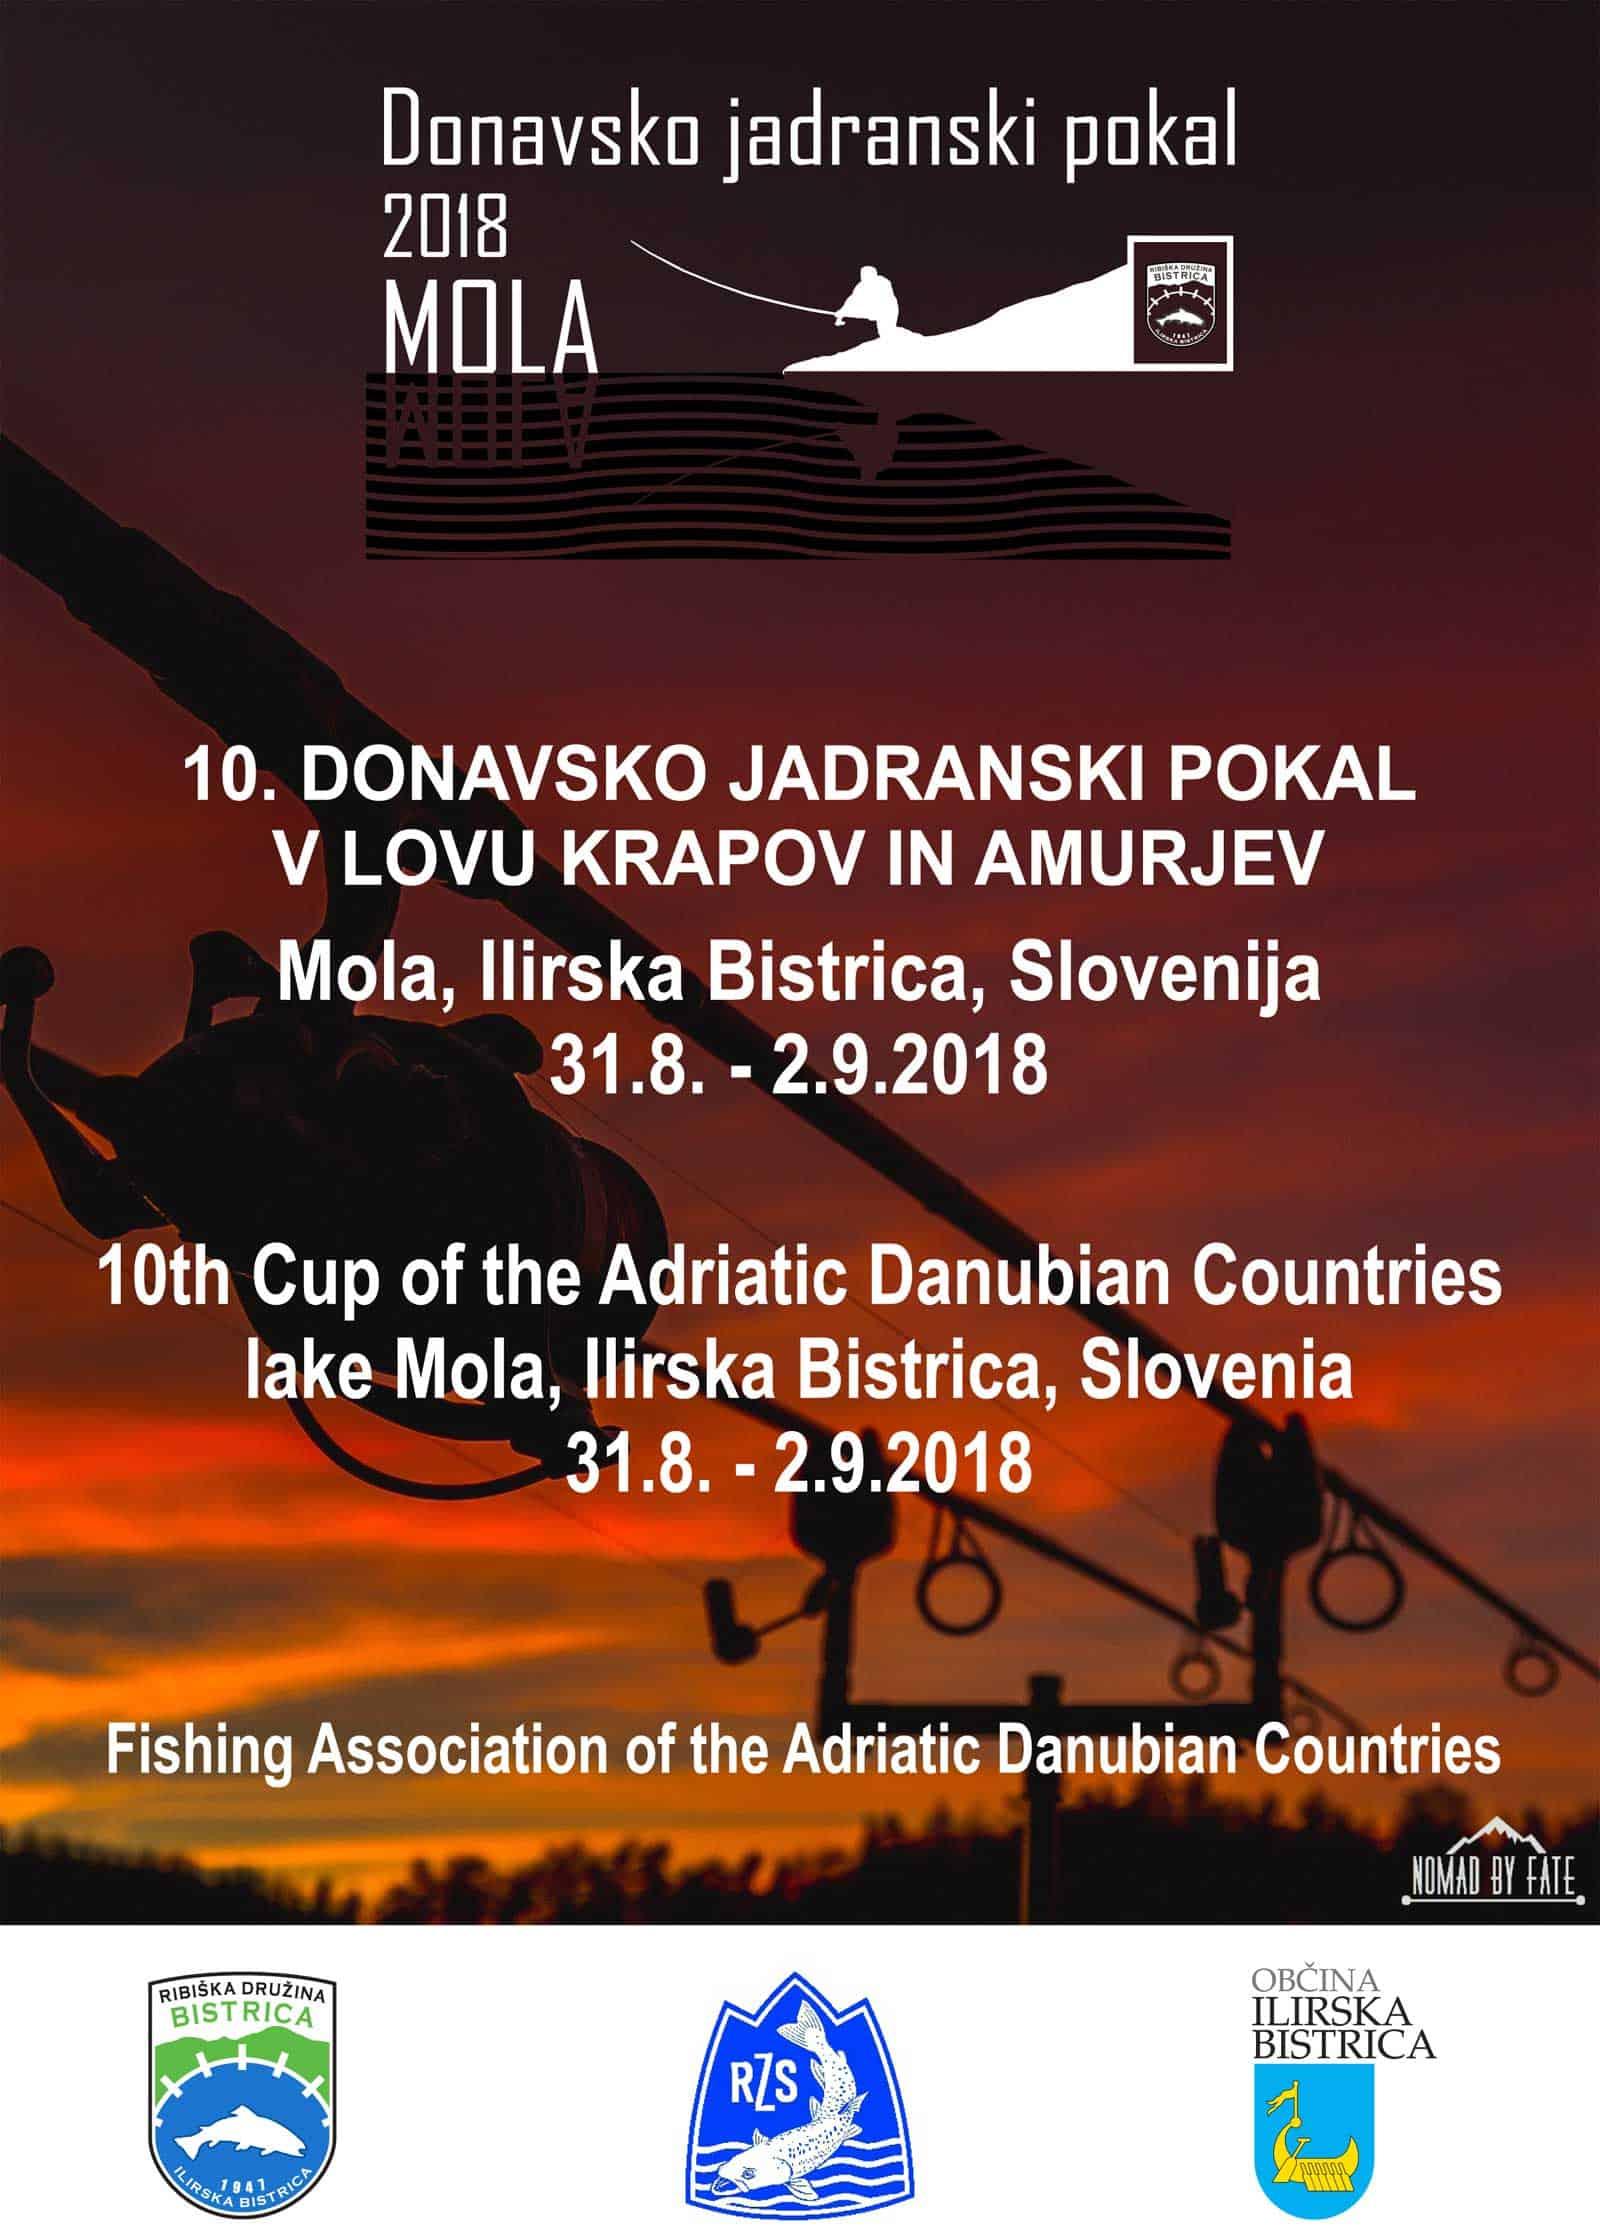 Bilten-DJP-Mola-2018